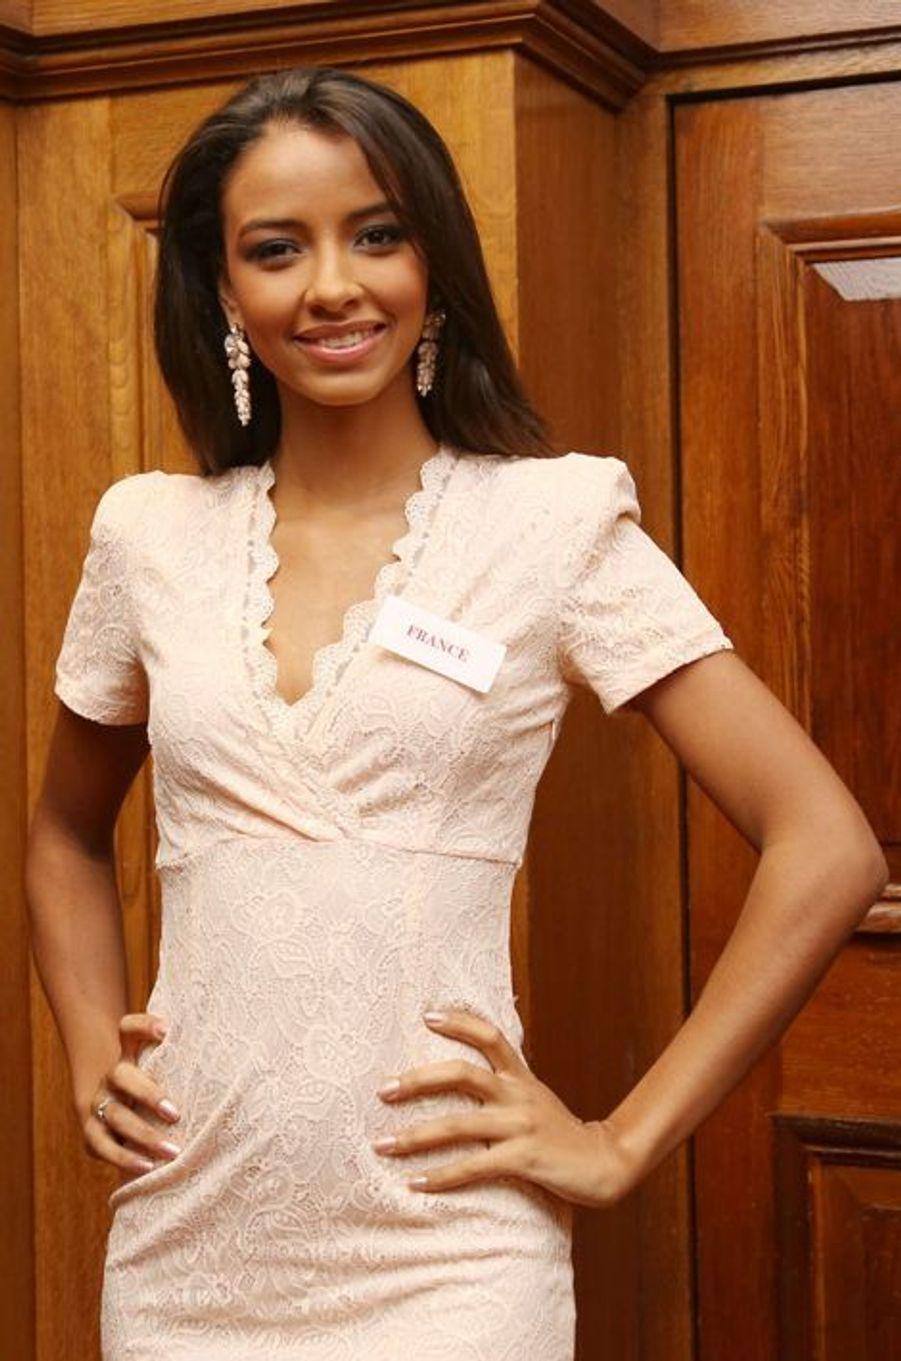 Flora Coquerel, candidate à l'élection de Miss Monde, à Londres le 25 novembre 2014